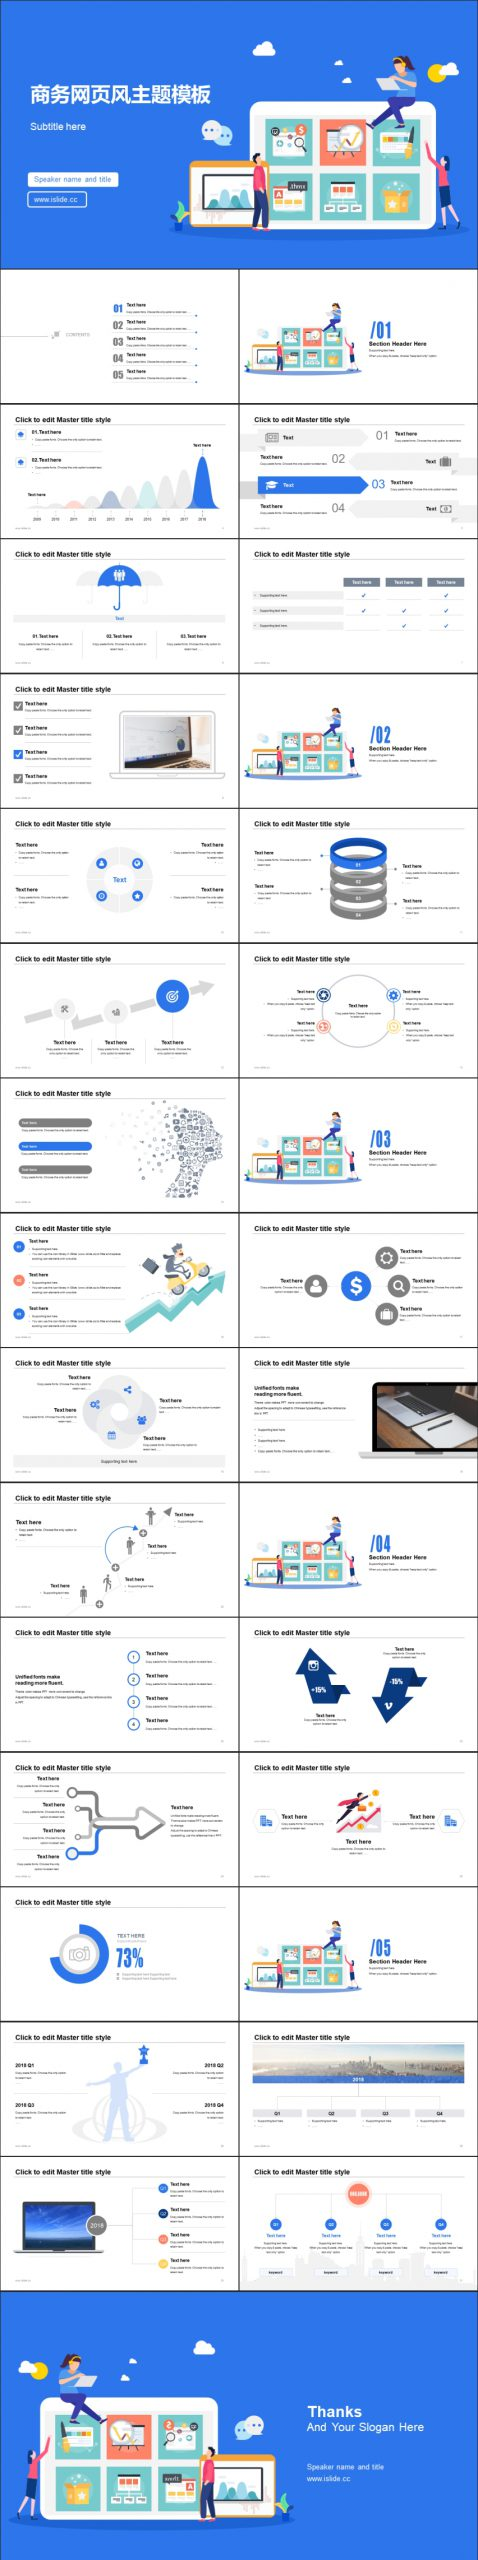 蓝色简约商务网页风PPT模板下载_预览图2